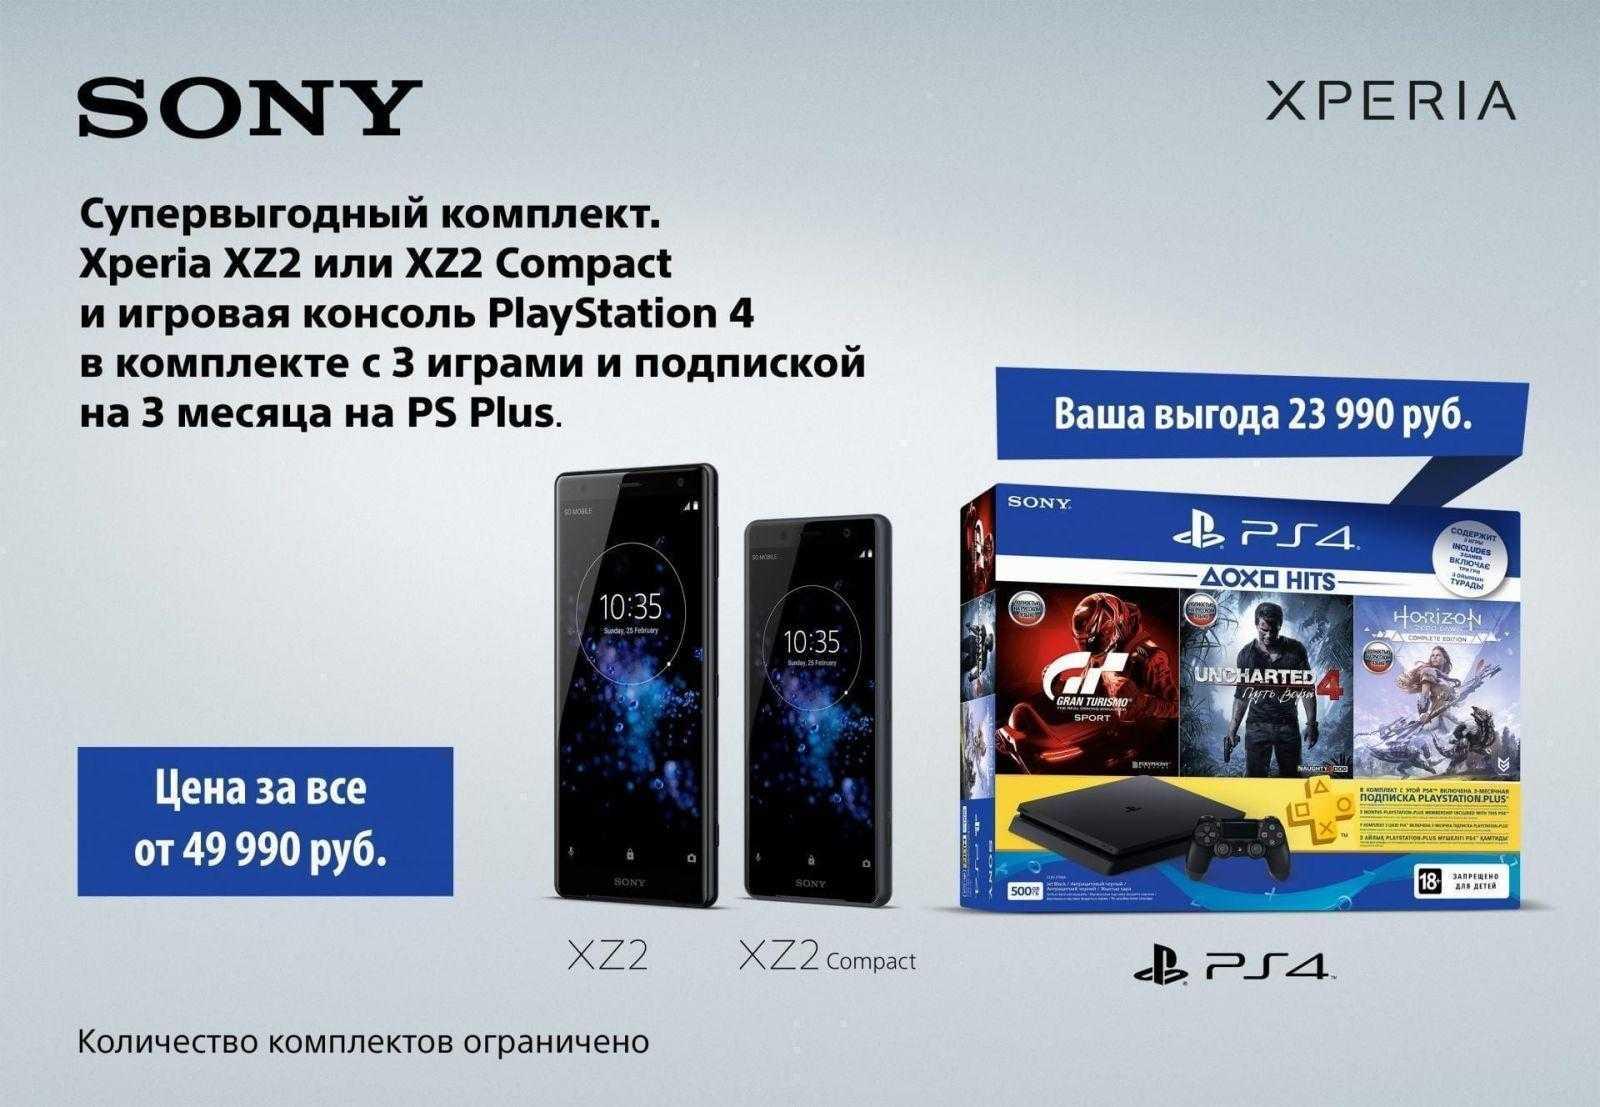 Sony подарит PlayStation 4 за покупку Xperia XZ2